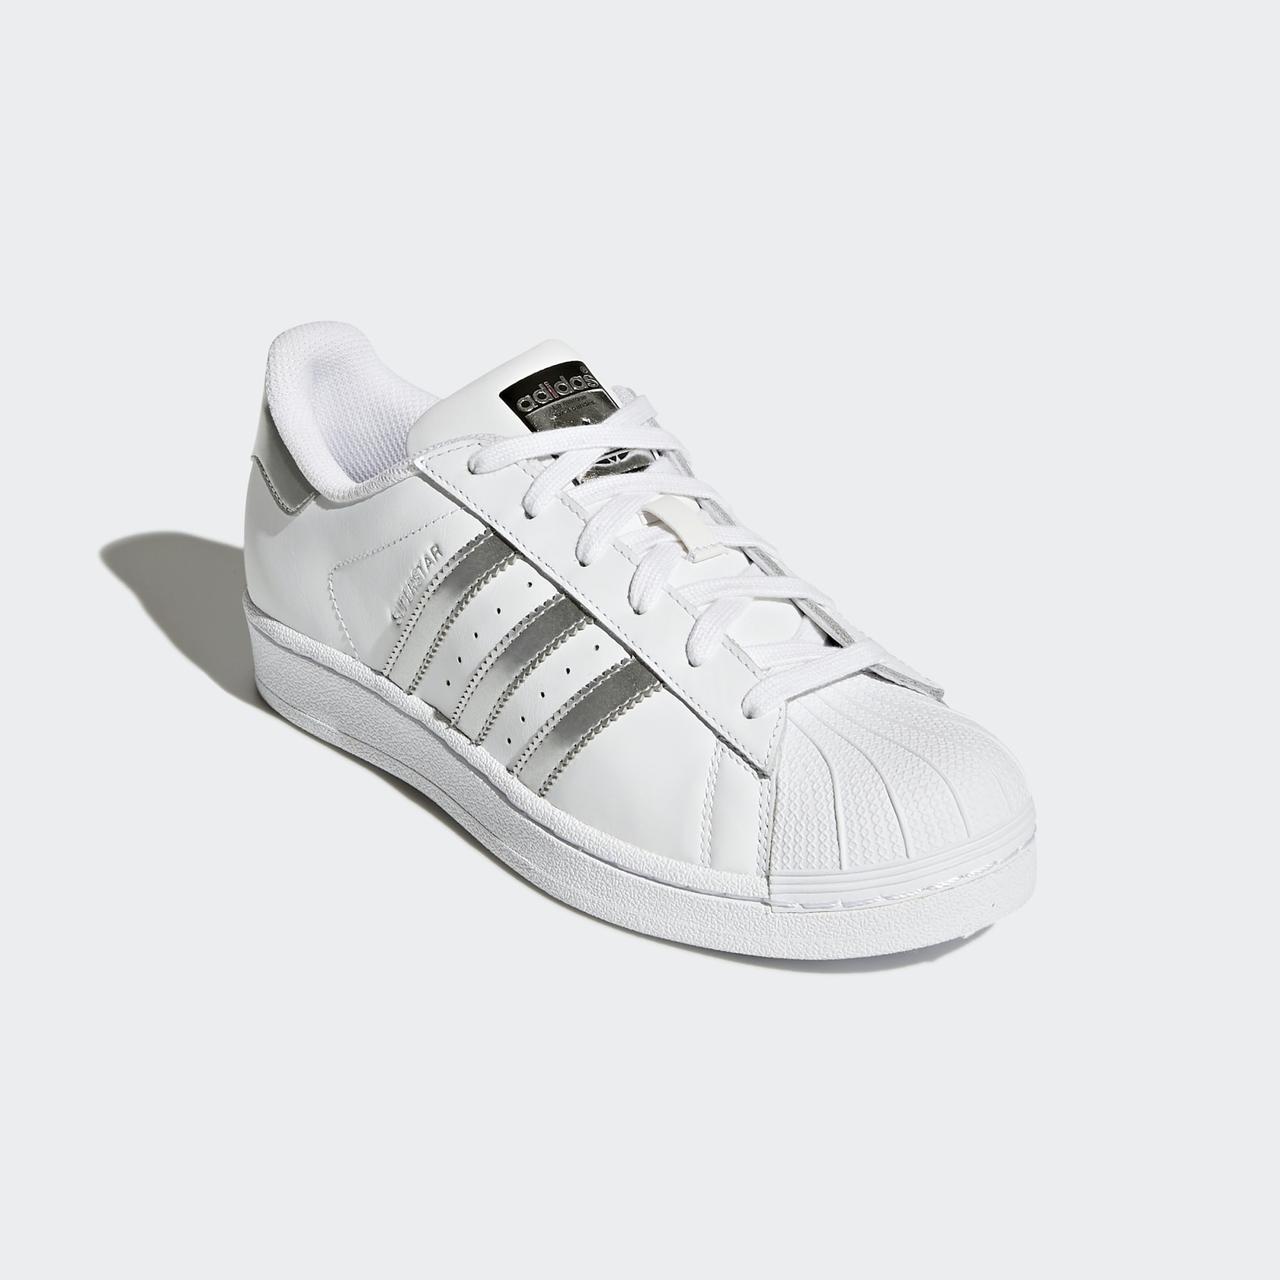 Adidas Superstar Silver Metallic AQ3091 оригінальні жіночі білі кросівки